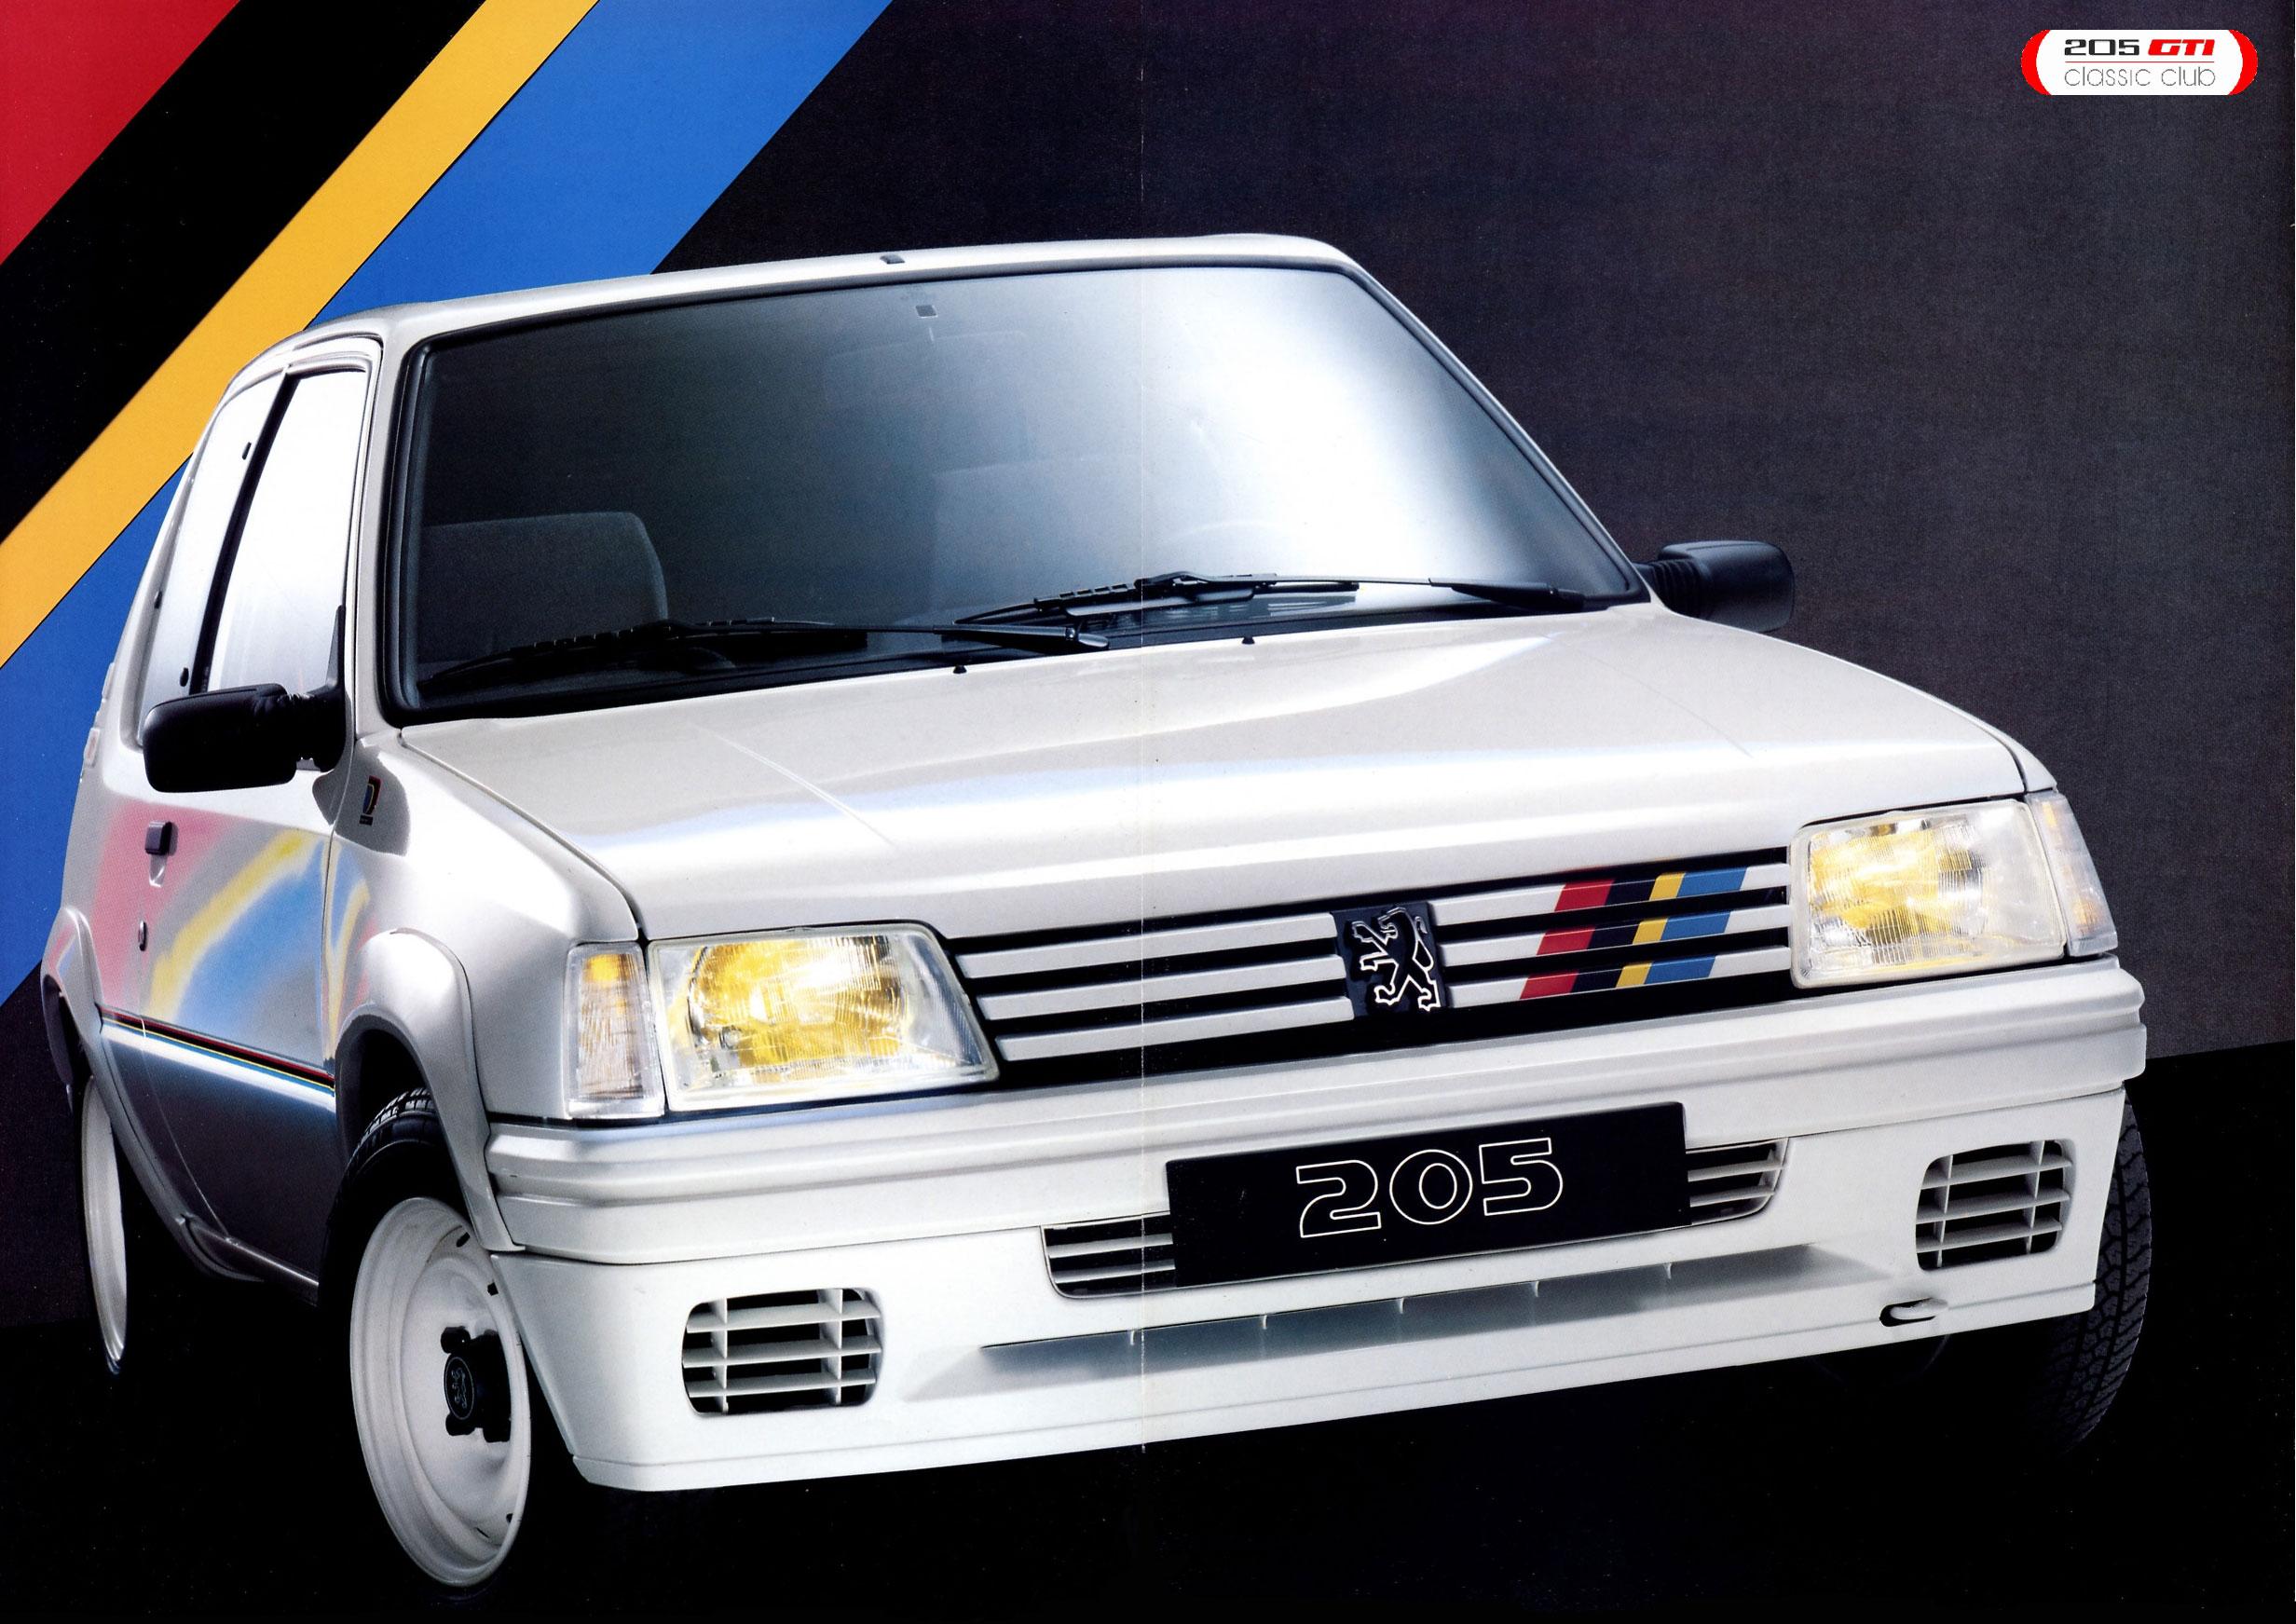 Rallye 205